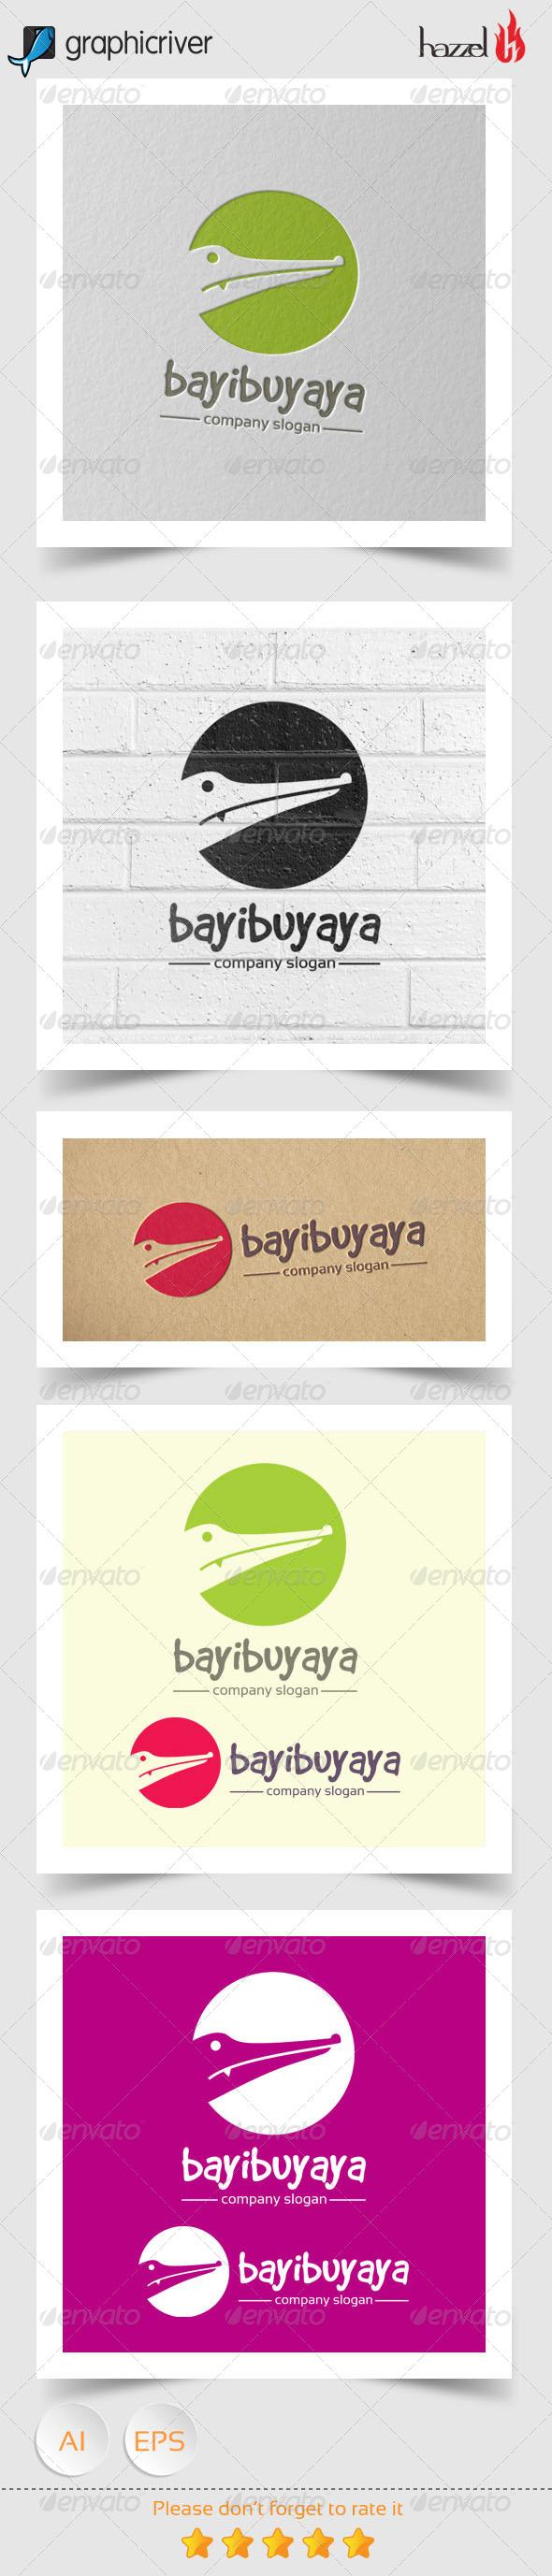 GraphicRiver Bayibuyaya Logo 8178751